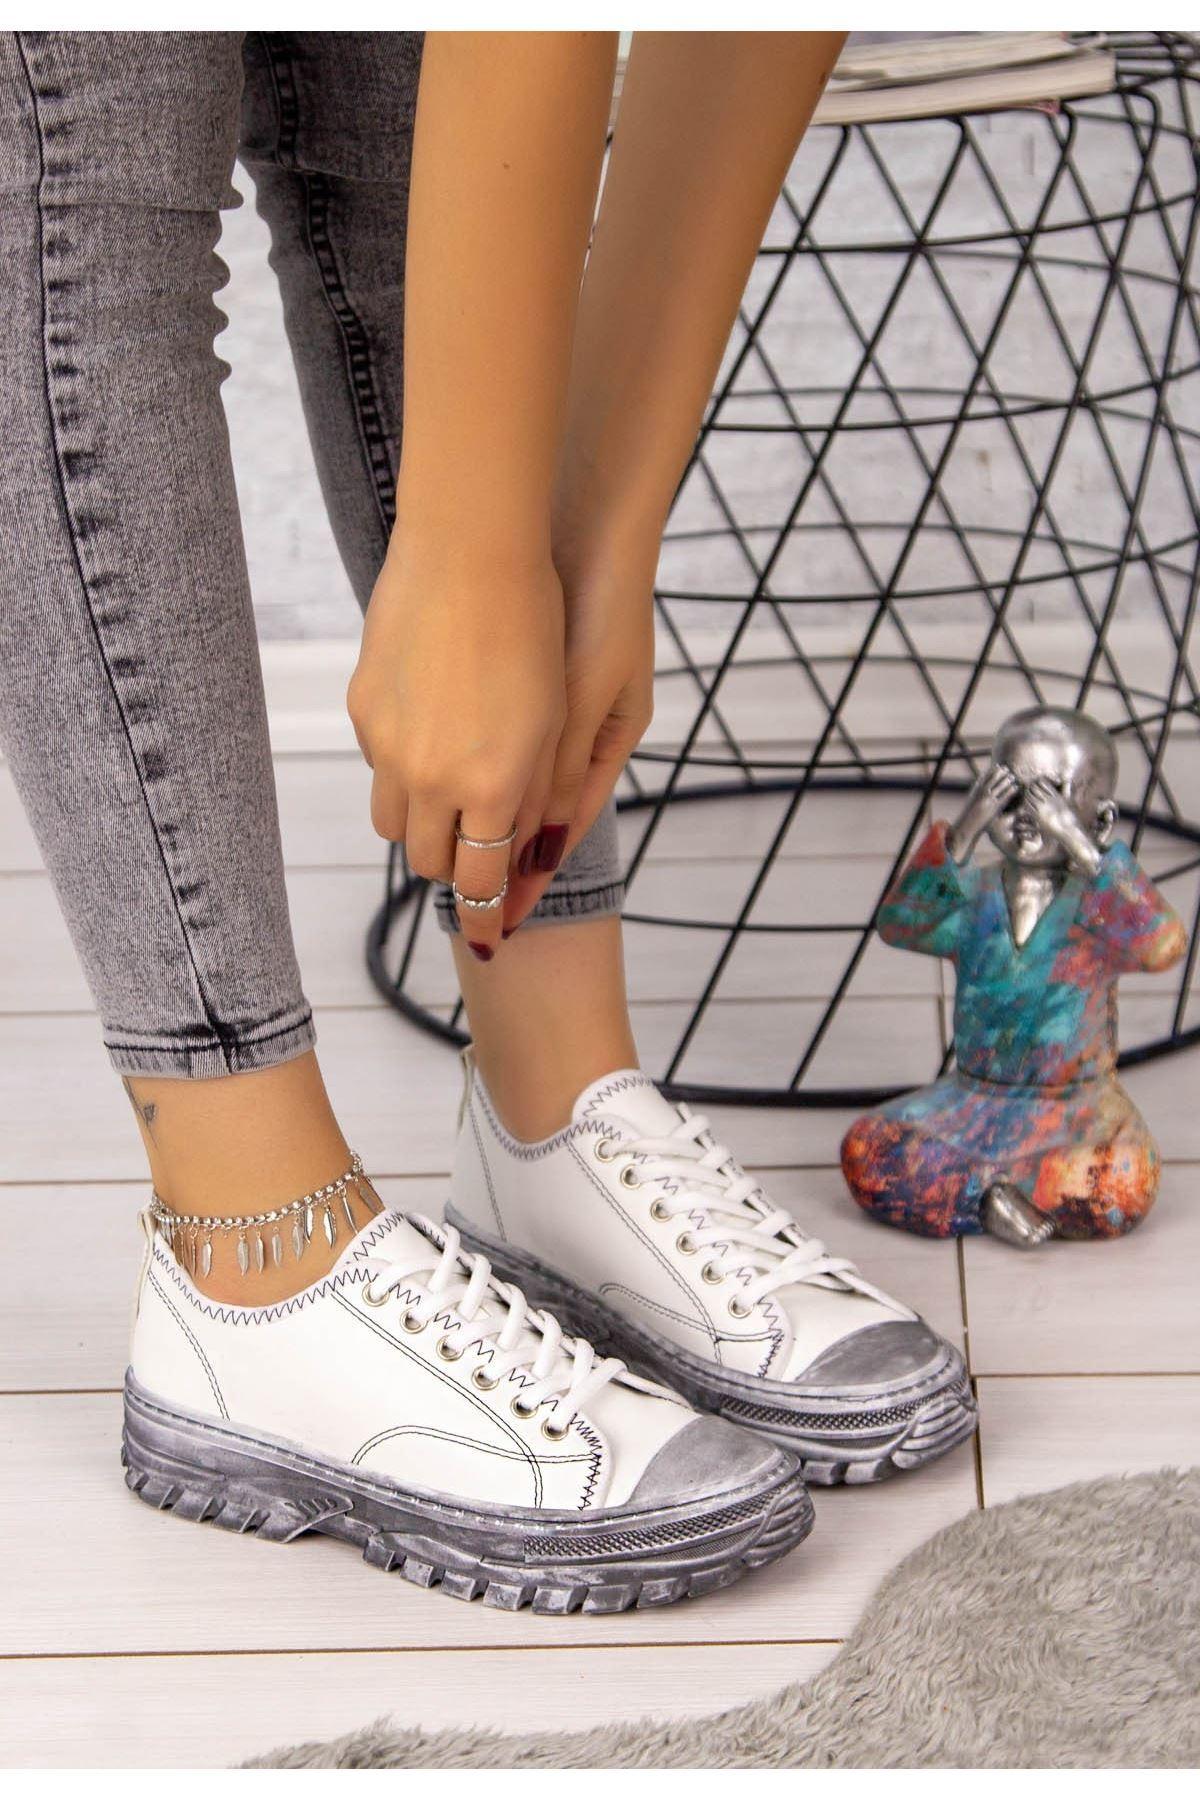 Janexi Beyaz Cilt Püskürtme Taban Spor Ayakkabı